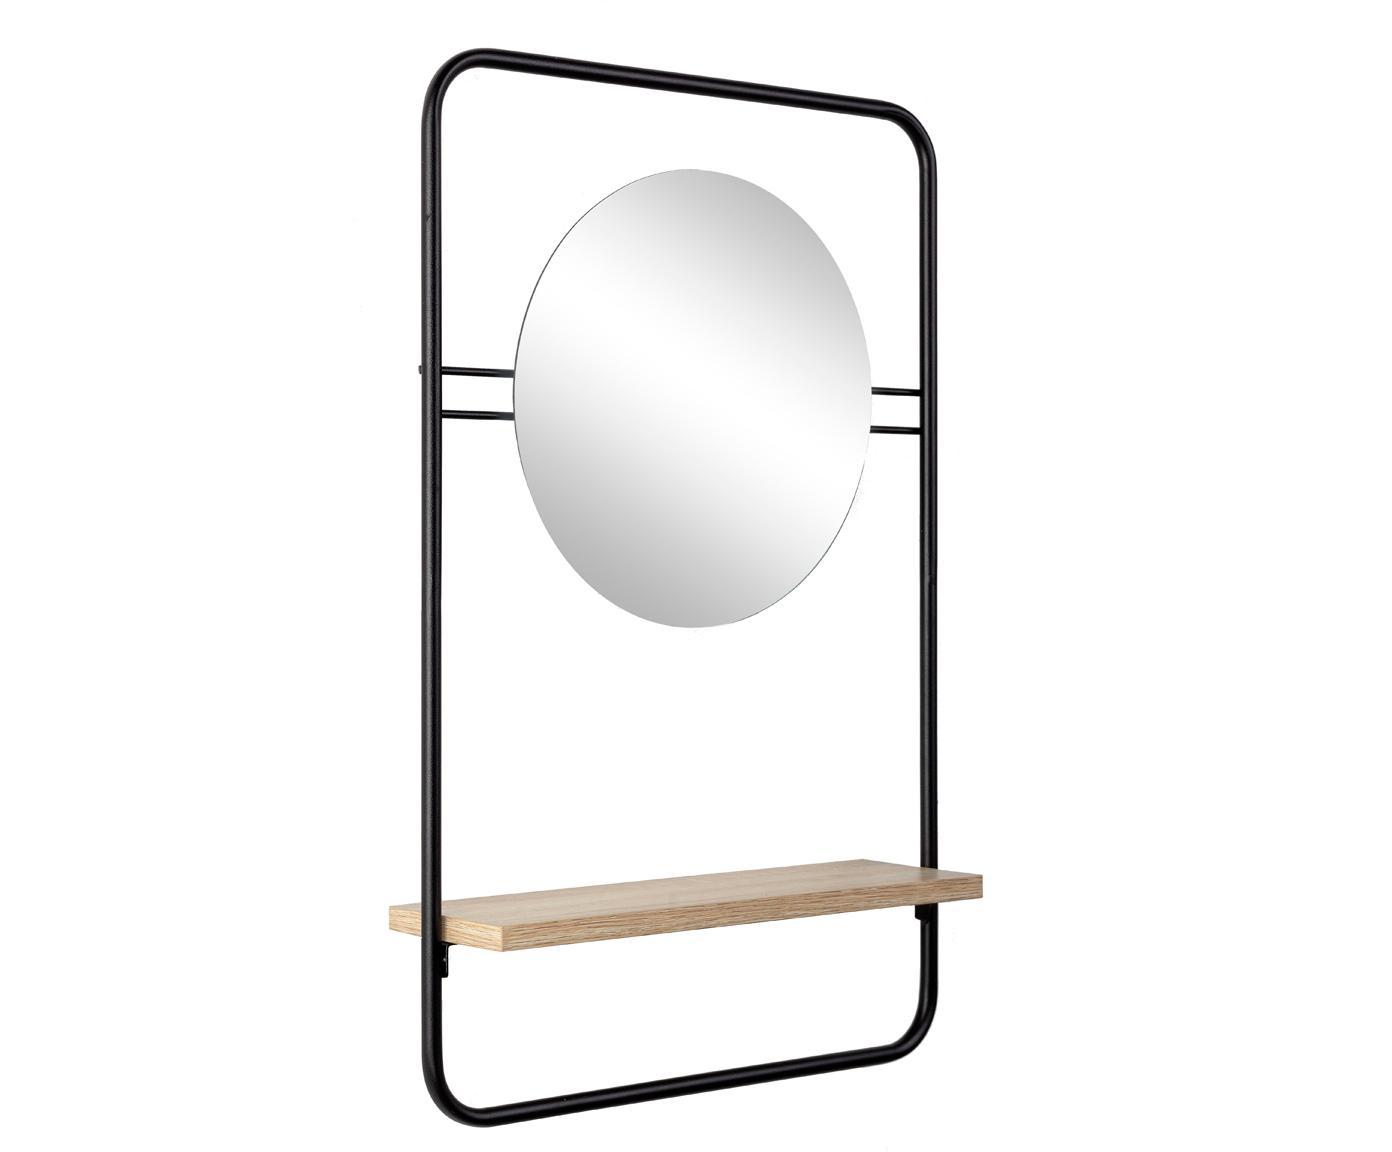 Specchio da parete con mensola Quiete, Cornice: metallo rivestito, Mensola: legno, Superficie dello specchio: lastra di vetro, Nero, legno, Larg. 41 x Alt. 64 cm